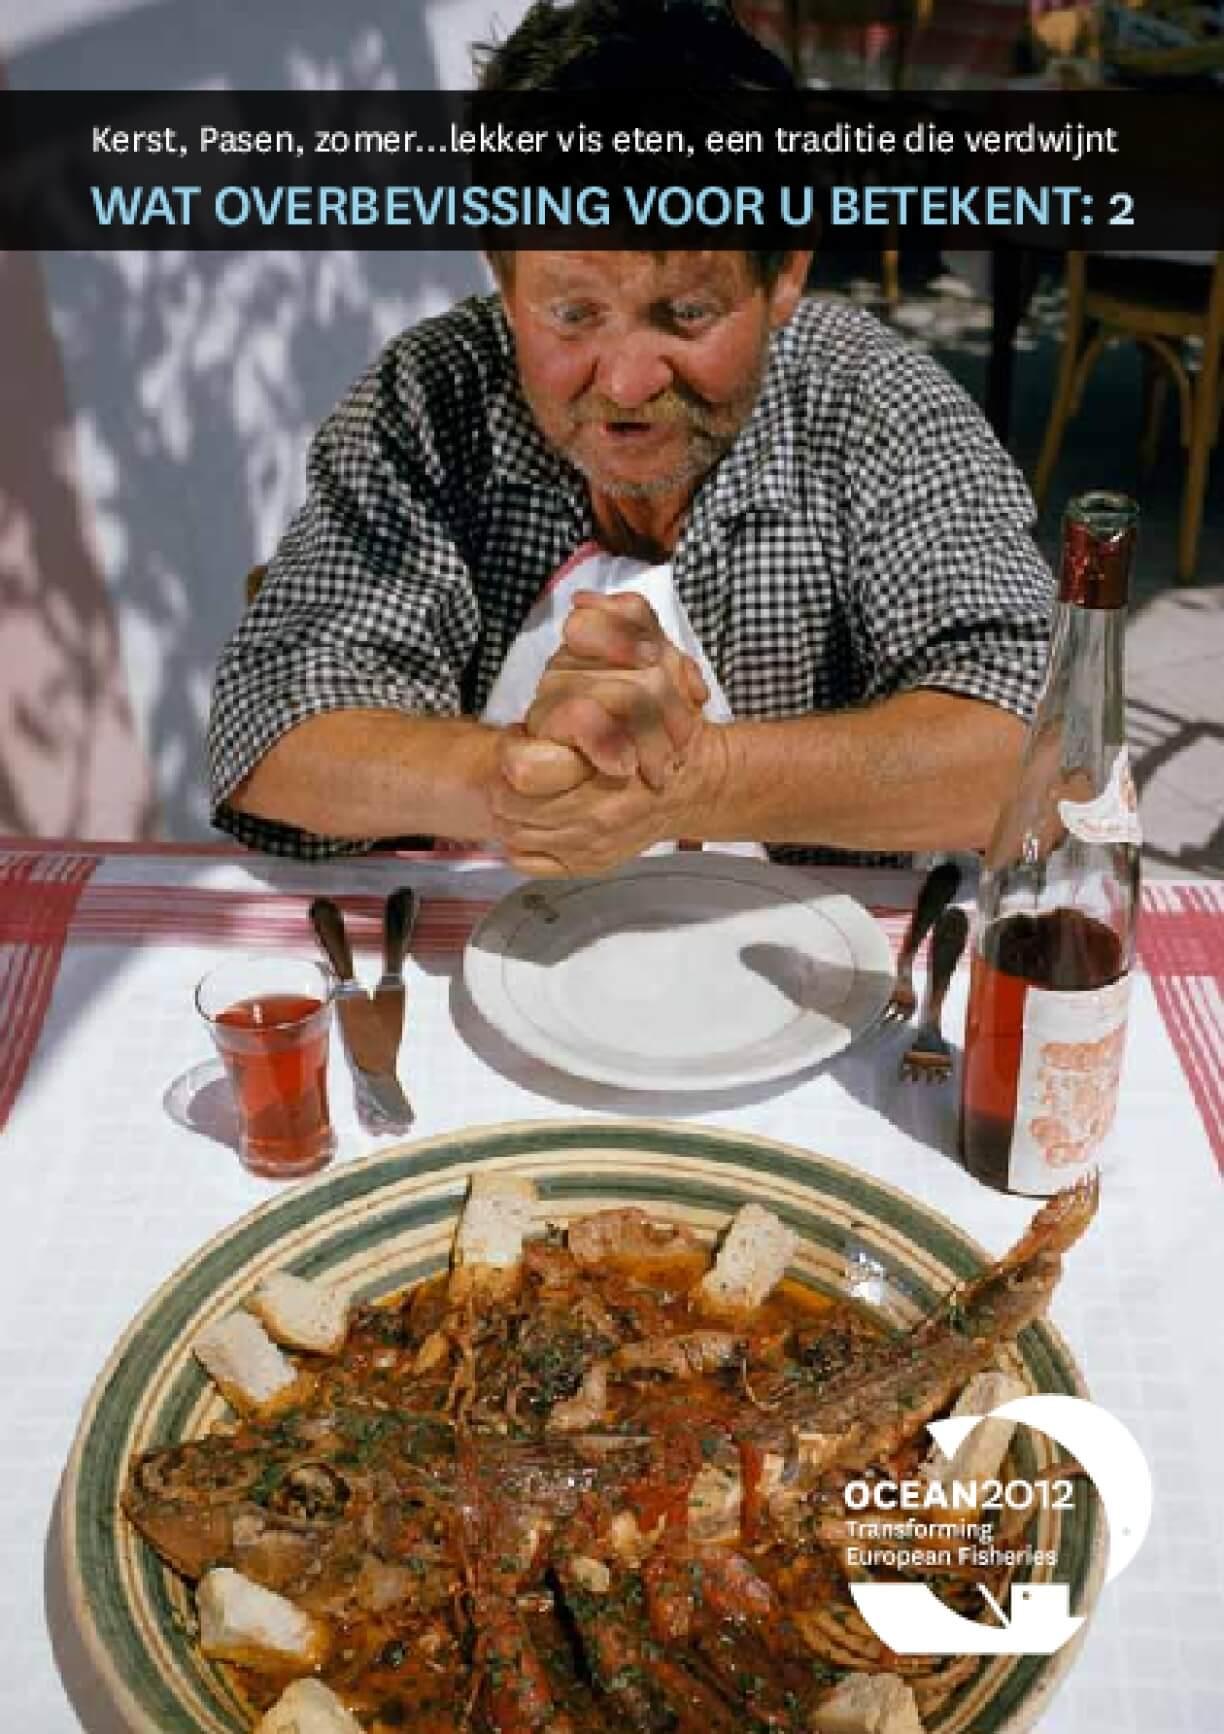 Kerst, Pasen, Zomer...Lekker vis Eten, een Traditie die Verdwijnt: Wat Overbevissing Voor U Betekent 2